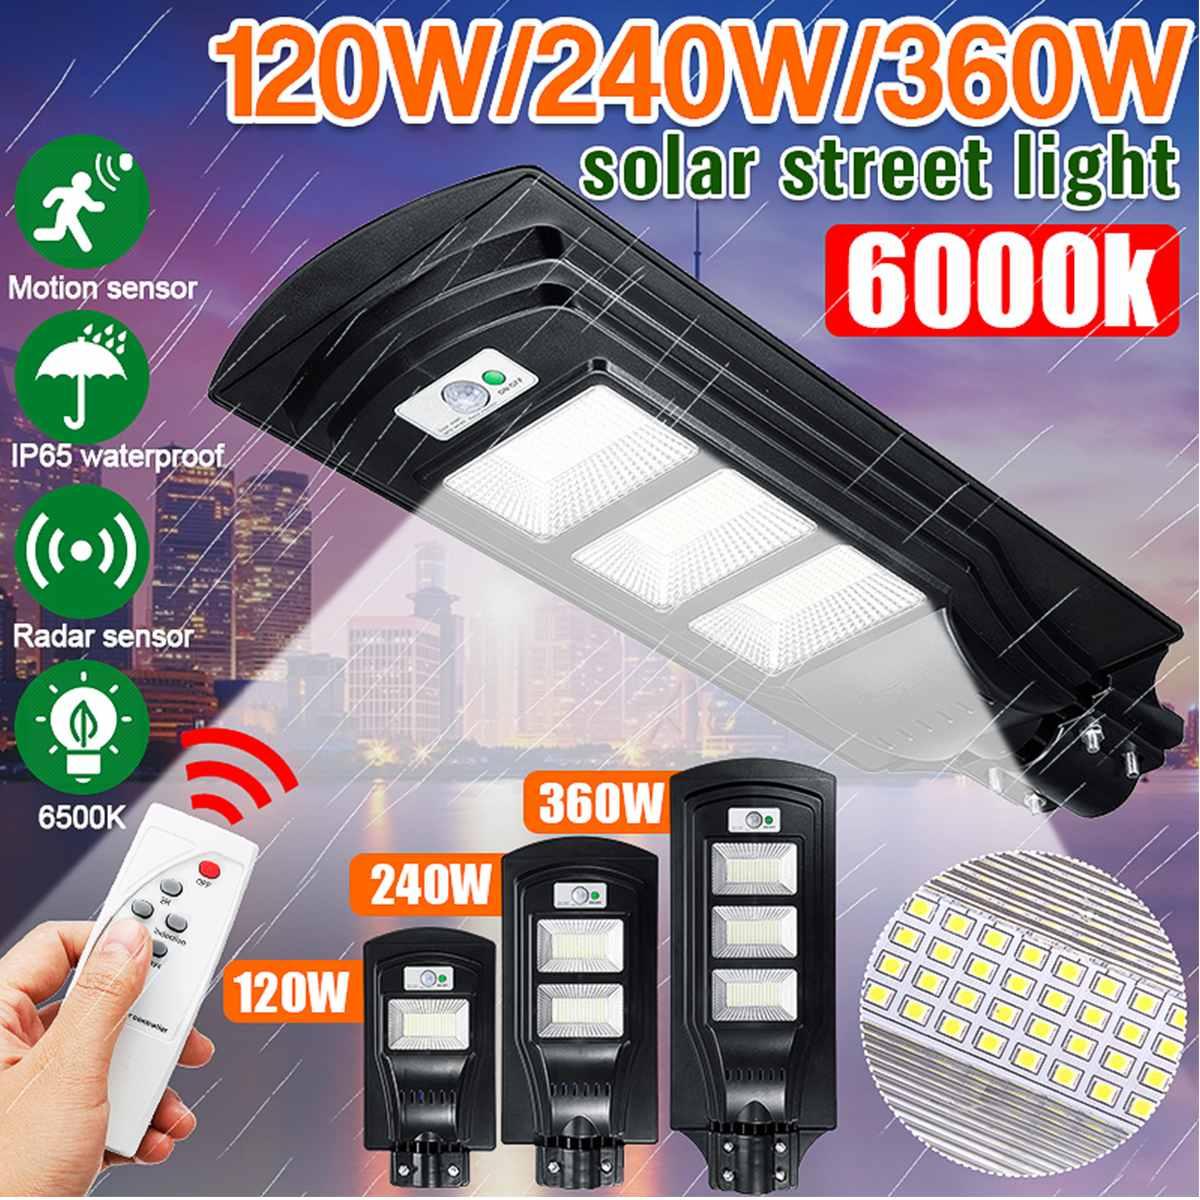 120 W/240 W/360 W 117/234/351 LED Solar Straße Licht LED Licht Radar PIR Motion Sensor Wand Lampe + Fernbedienung Wasserdicht für Plaza Garten